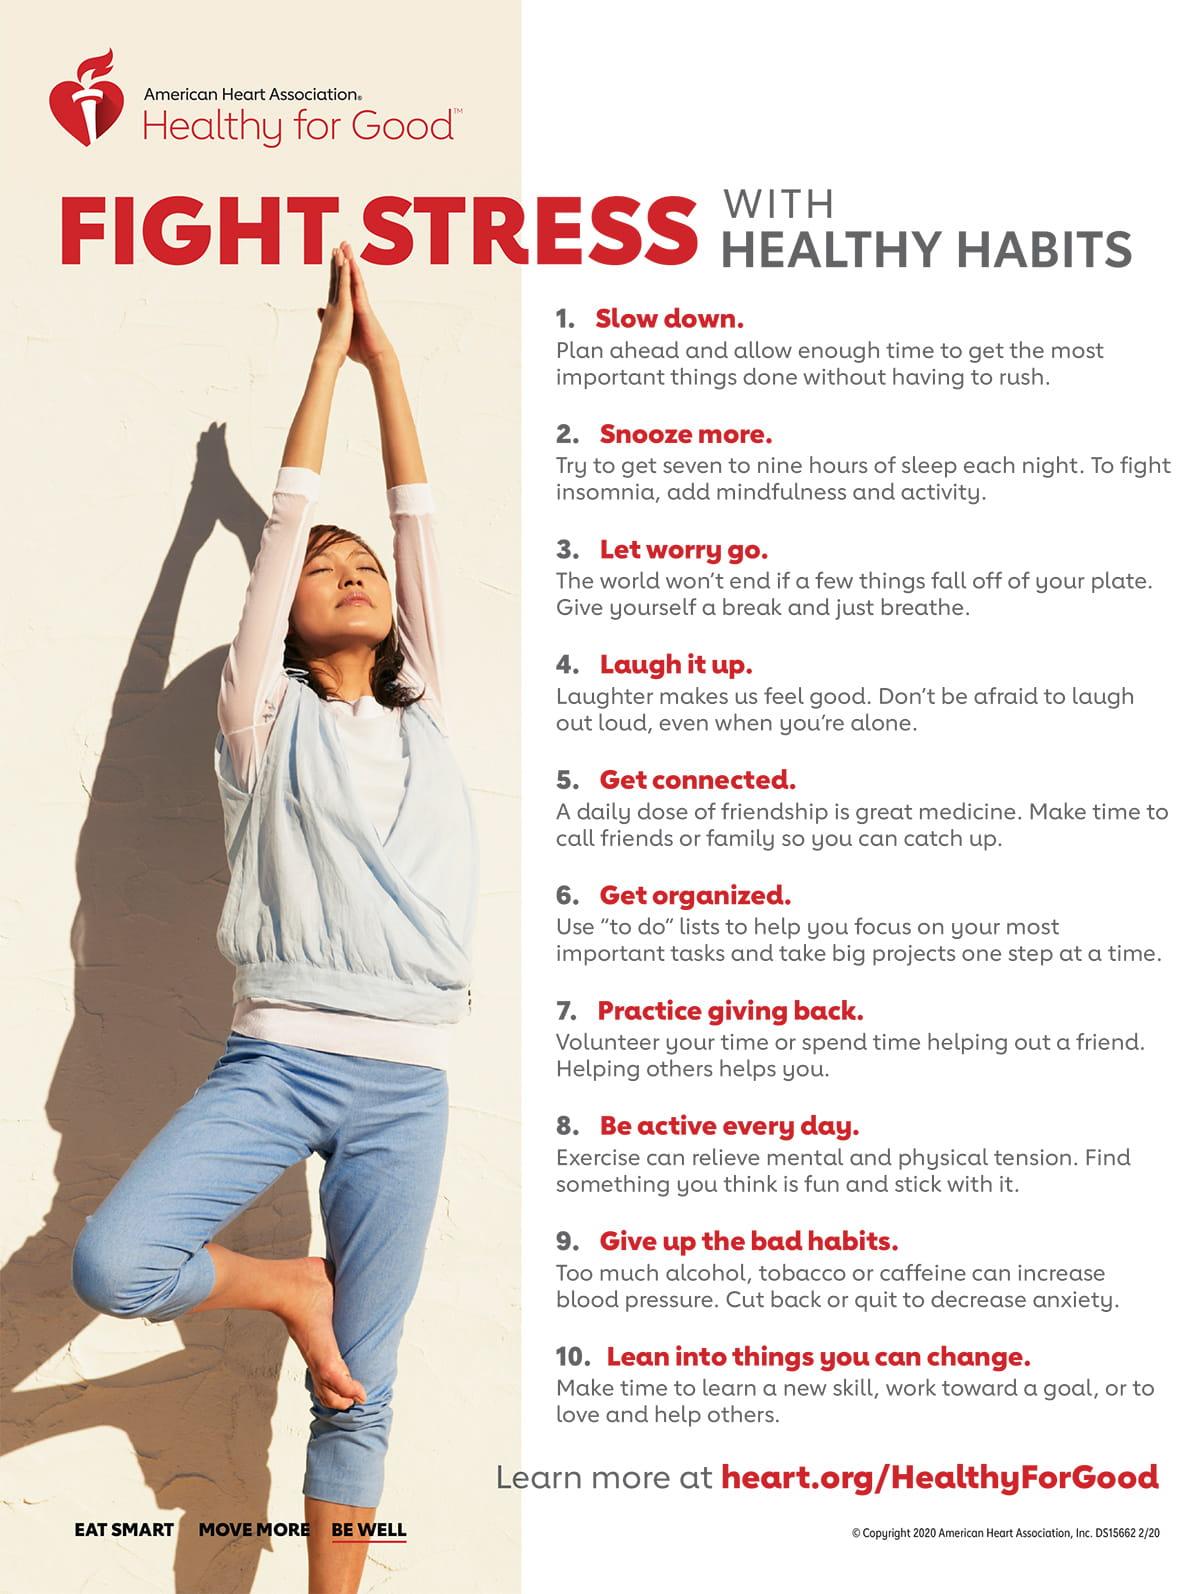 Infografía de Luchar contra el estrés con hábitos saludables